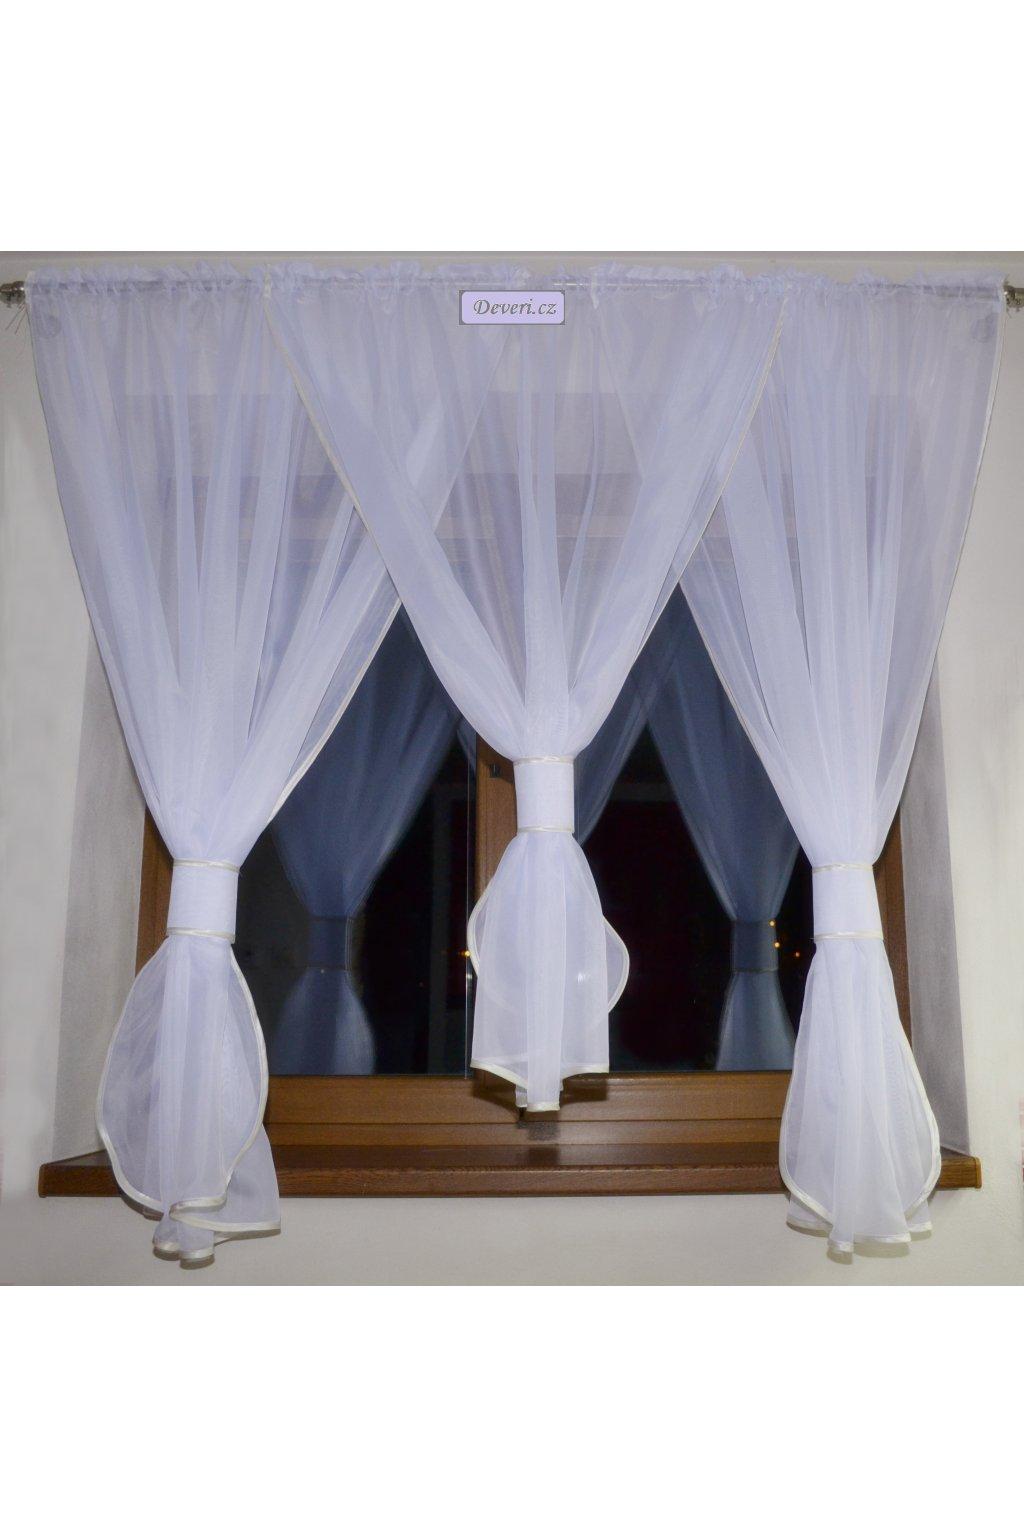 Záclona Daniela2 voálová bílá 300x150cm